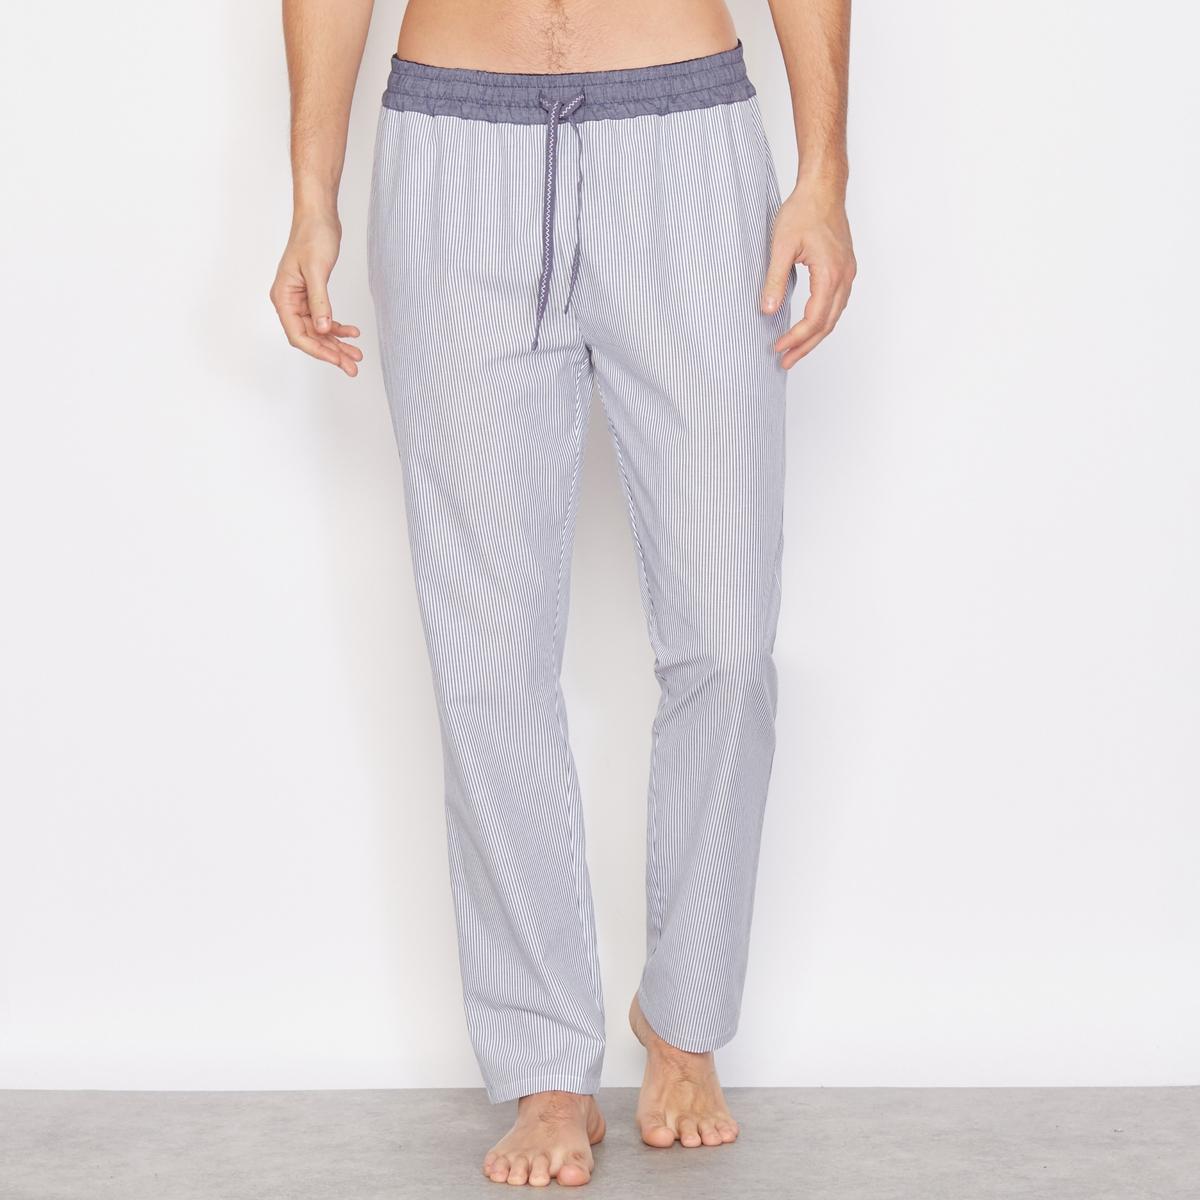 Брюки пижамные в полоску, 100% хлопкаПижамные брюки в тонкую полоску, прямой покрой, эластичный пояс с контрастными завязками.  Состав &amp; описание:Материал: 100% хлопка.Марка: R essentiels.Уход:Машинная стирка при 30°.<br><br>Цвет: синий/ в полоску<br>Размер: 44/46.56/58